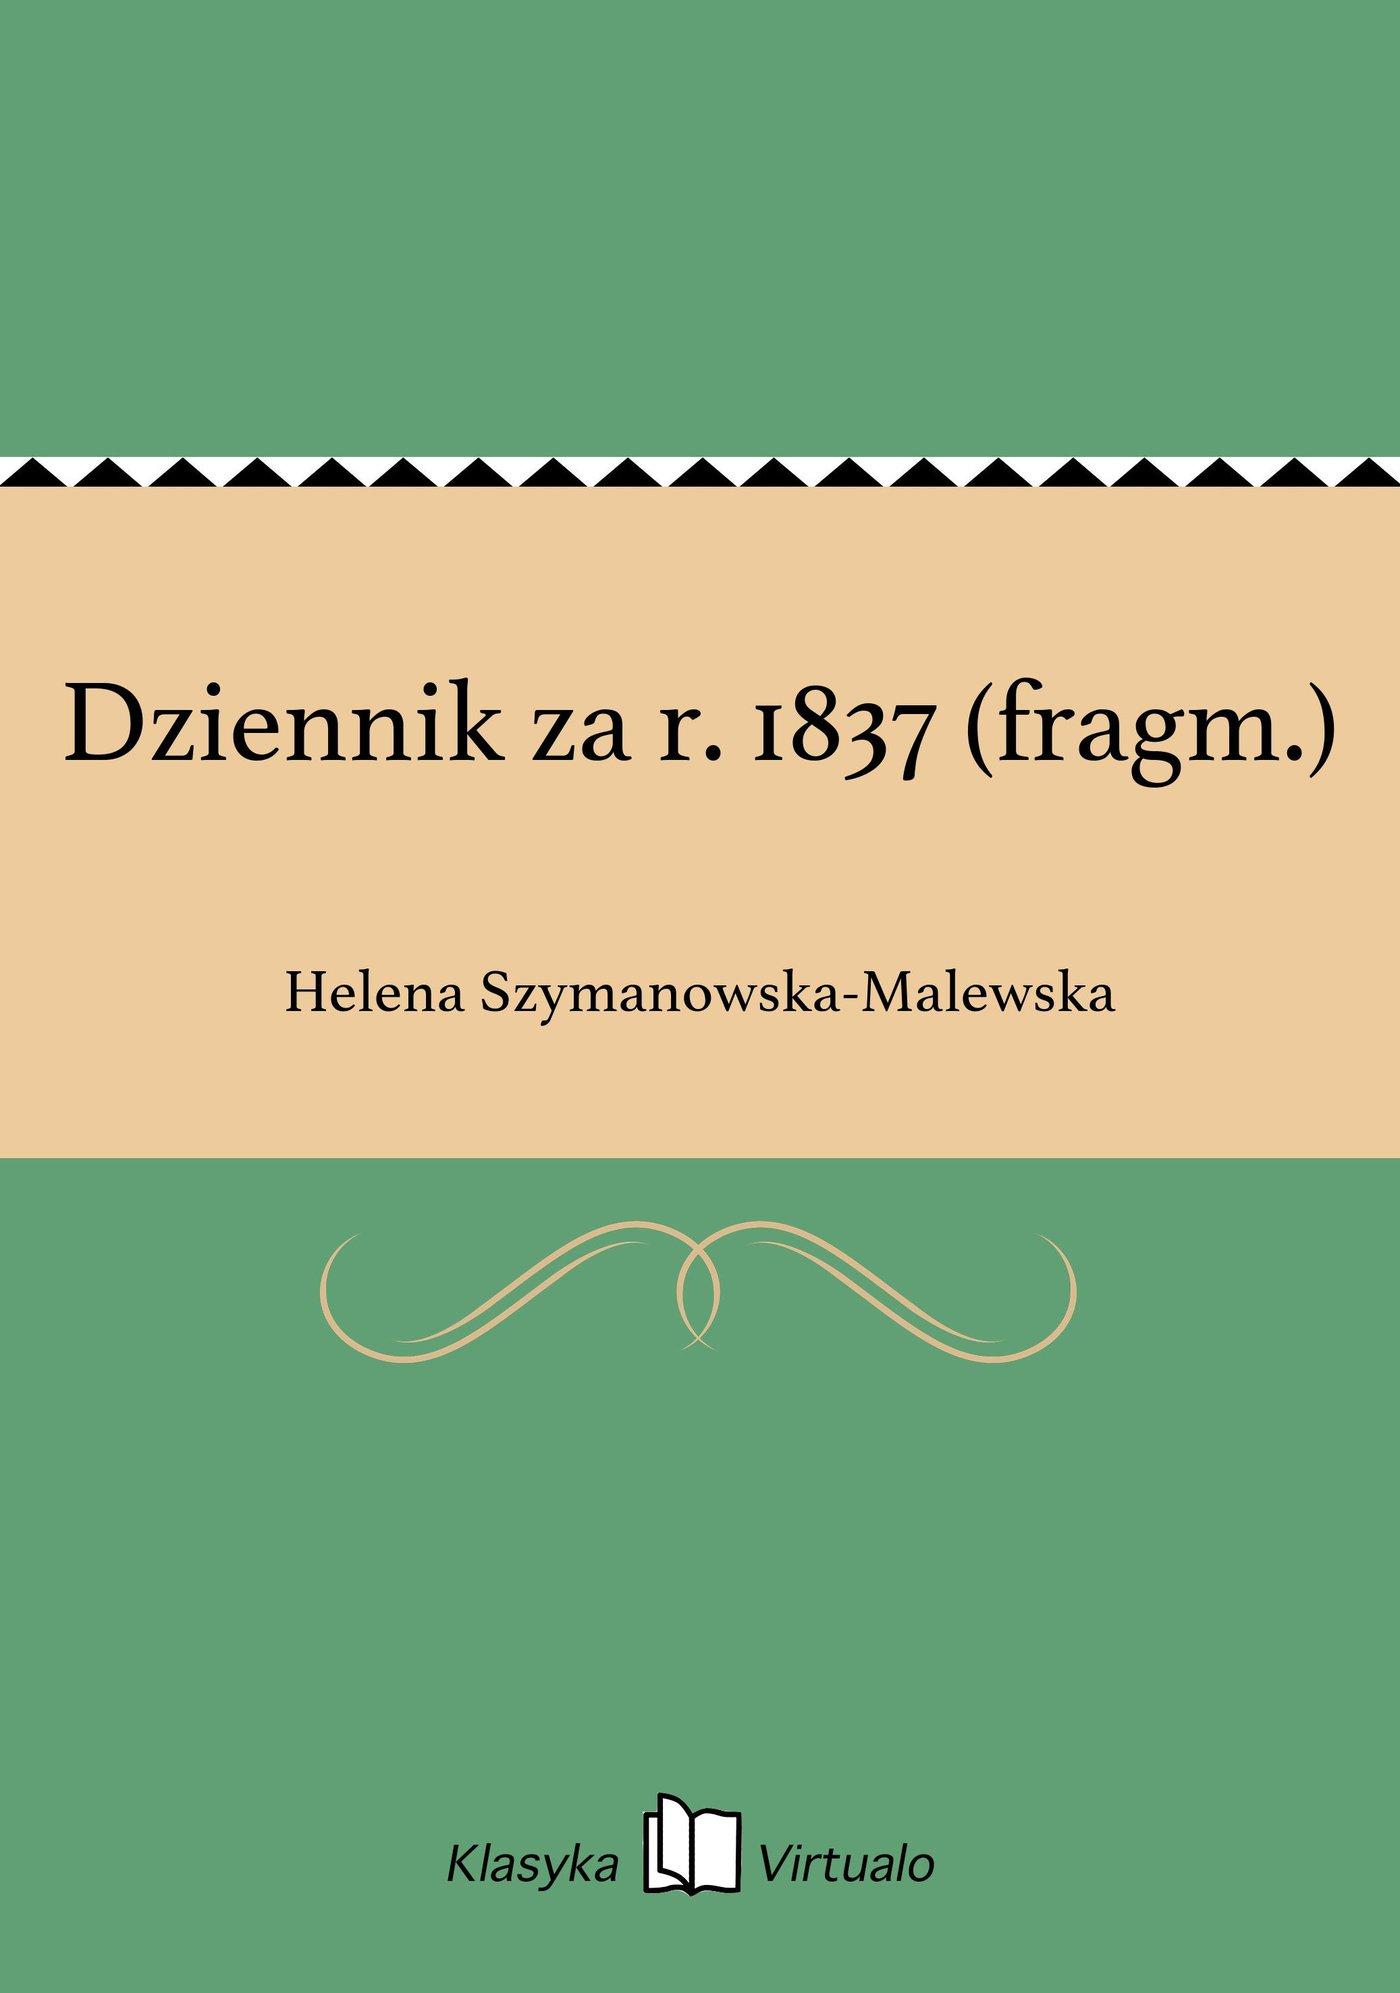 Dziennik za r. 1837 (fragm.) - Ebook (Książka EPUB) do pobrania w formacie EPUB